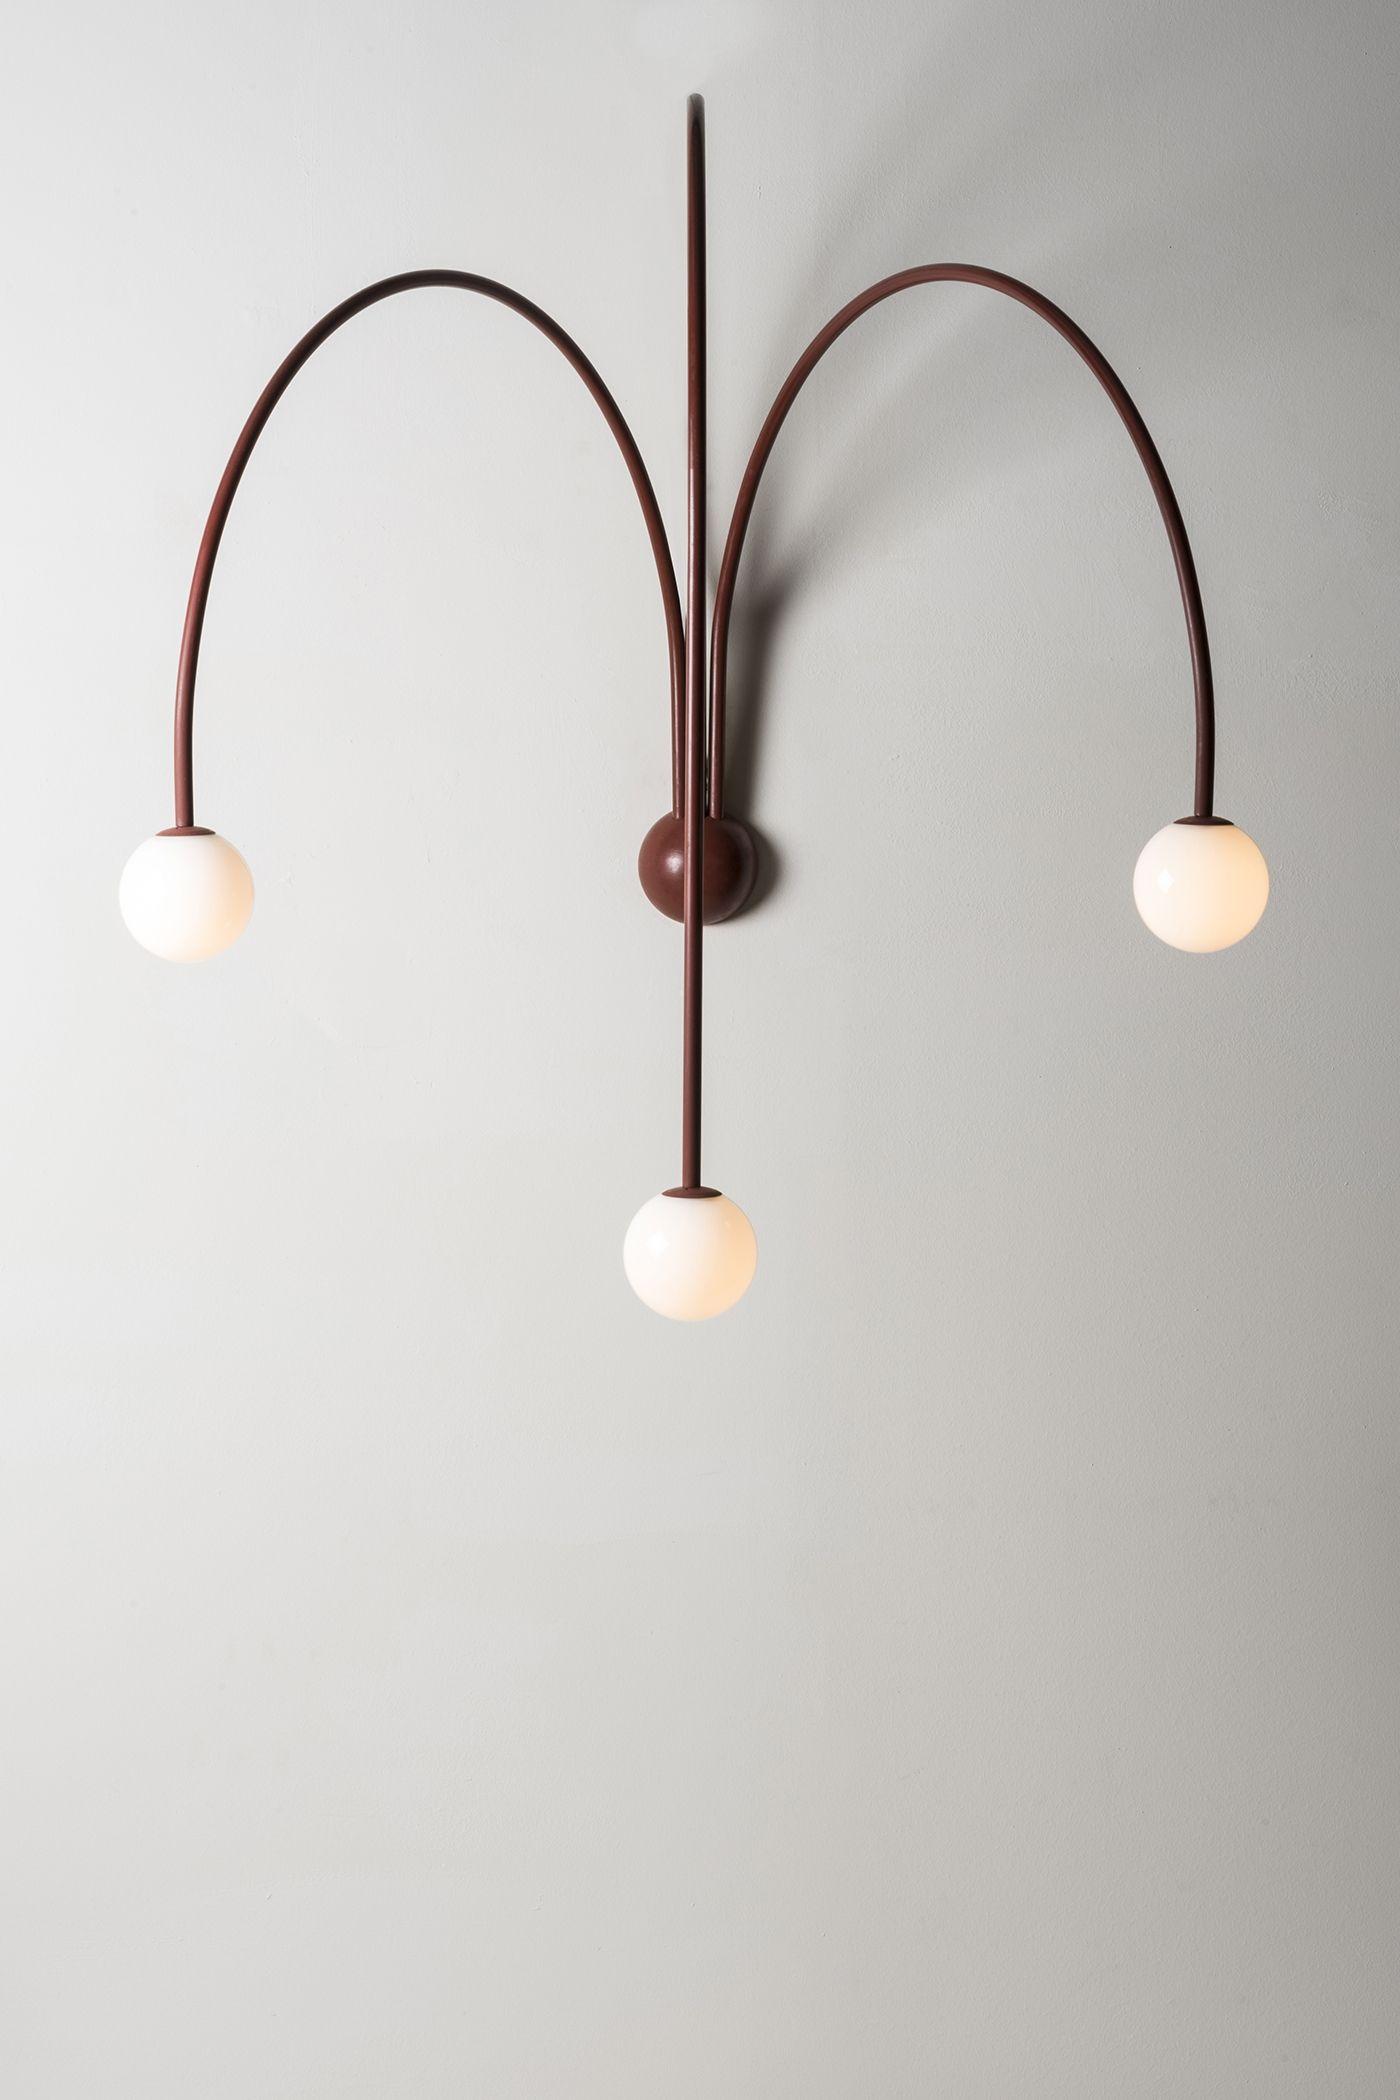 Quattro lampade da parete by Michael Anastassiades wall